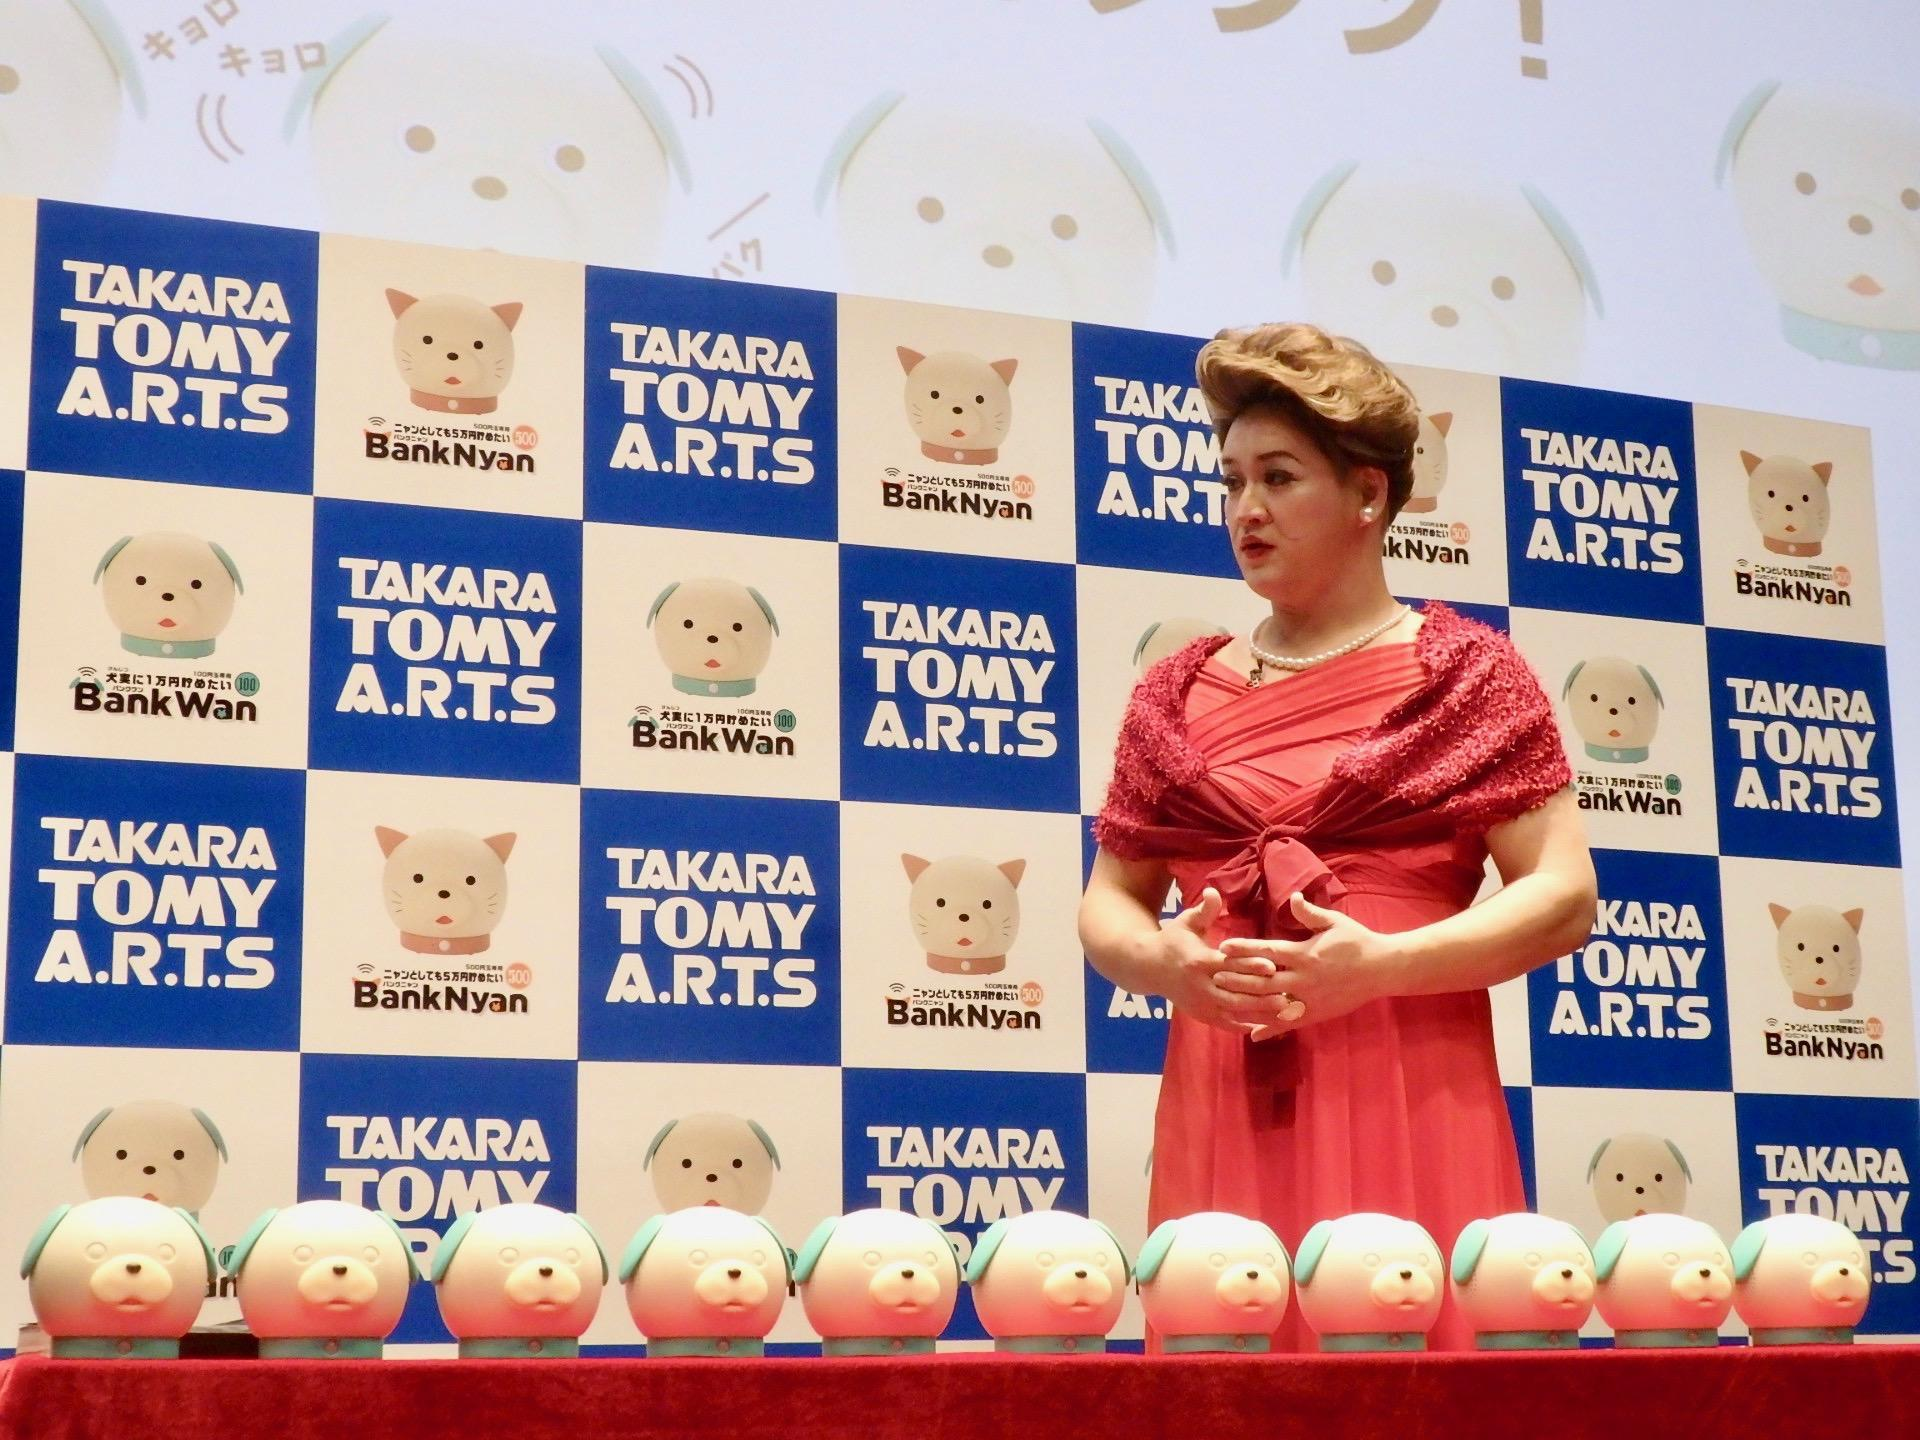 http://news.yoshimoto.co.jp/20181101002534-803d200edb45afac59cb862dd5c567681ce4ae6b.jpg